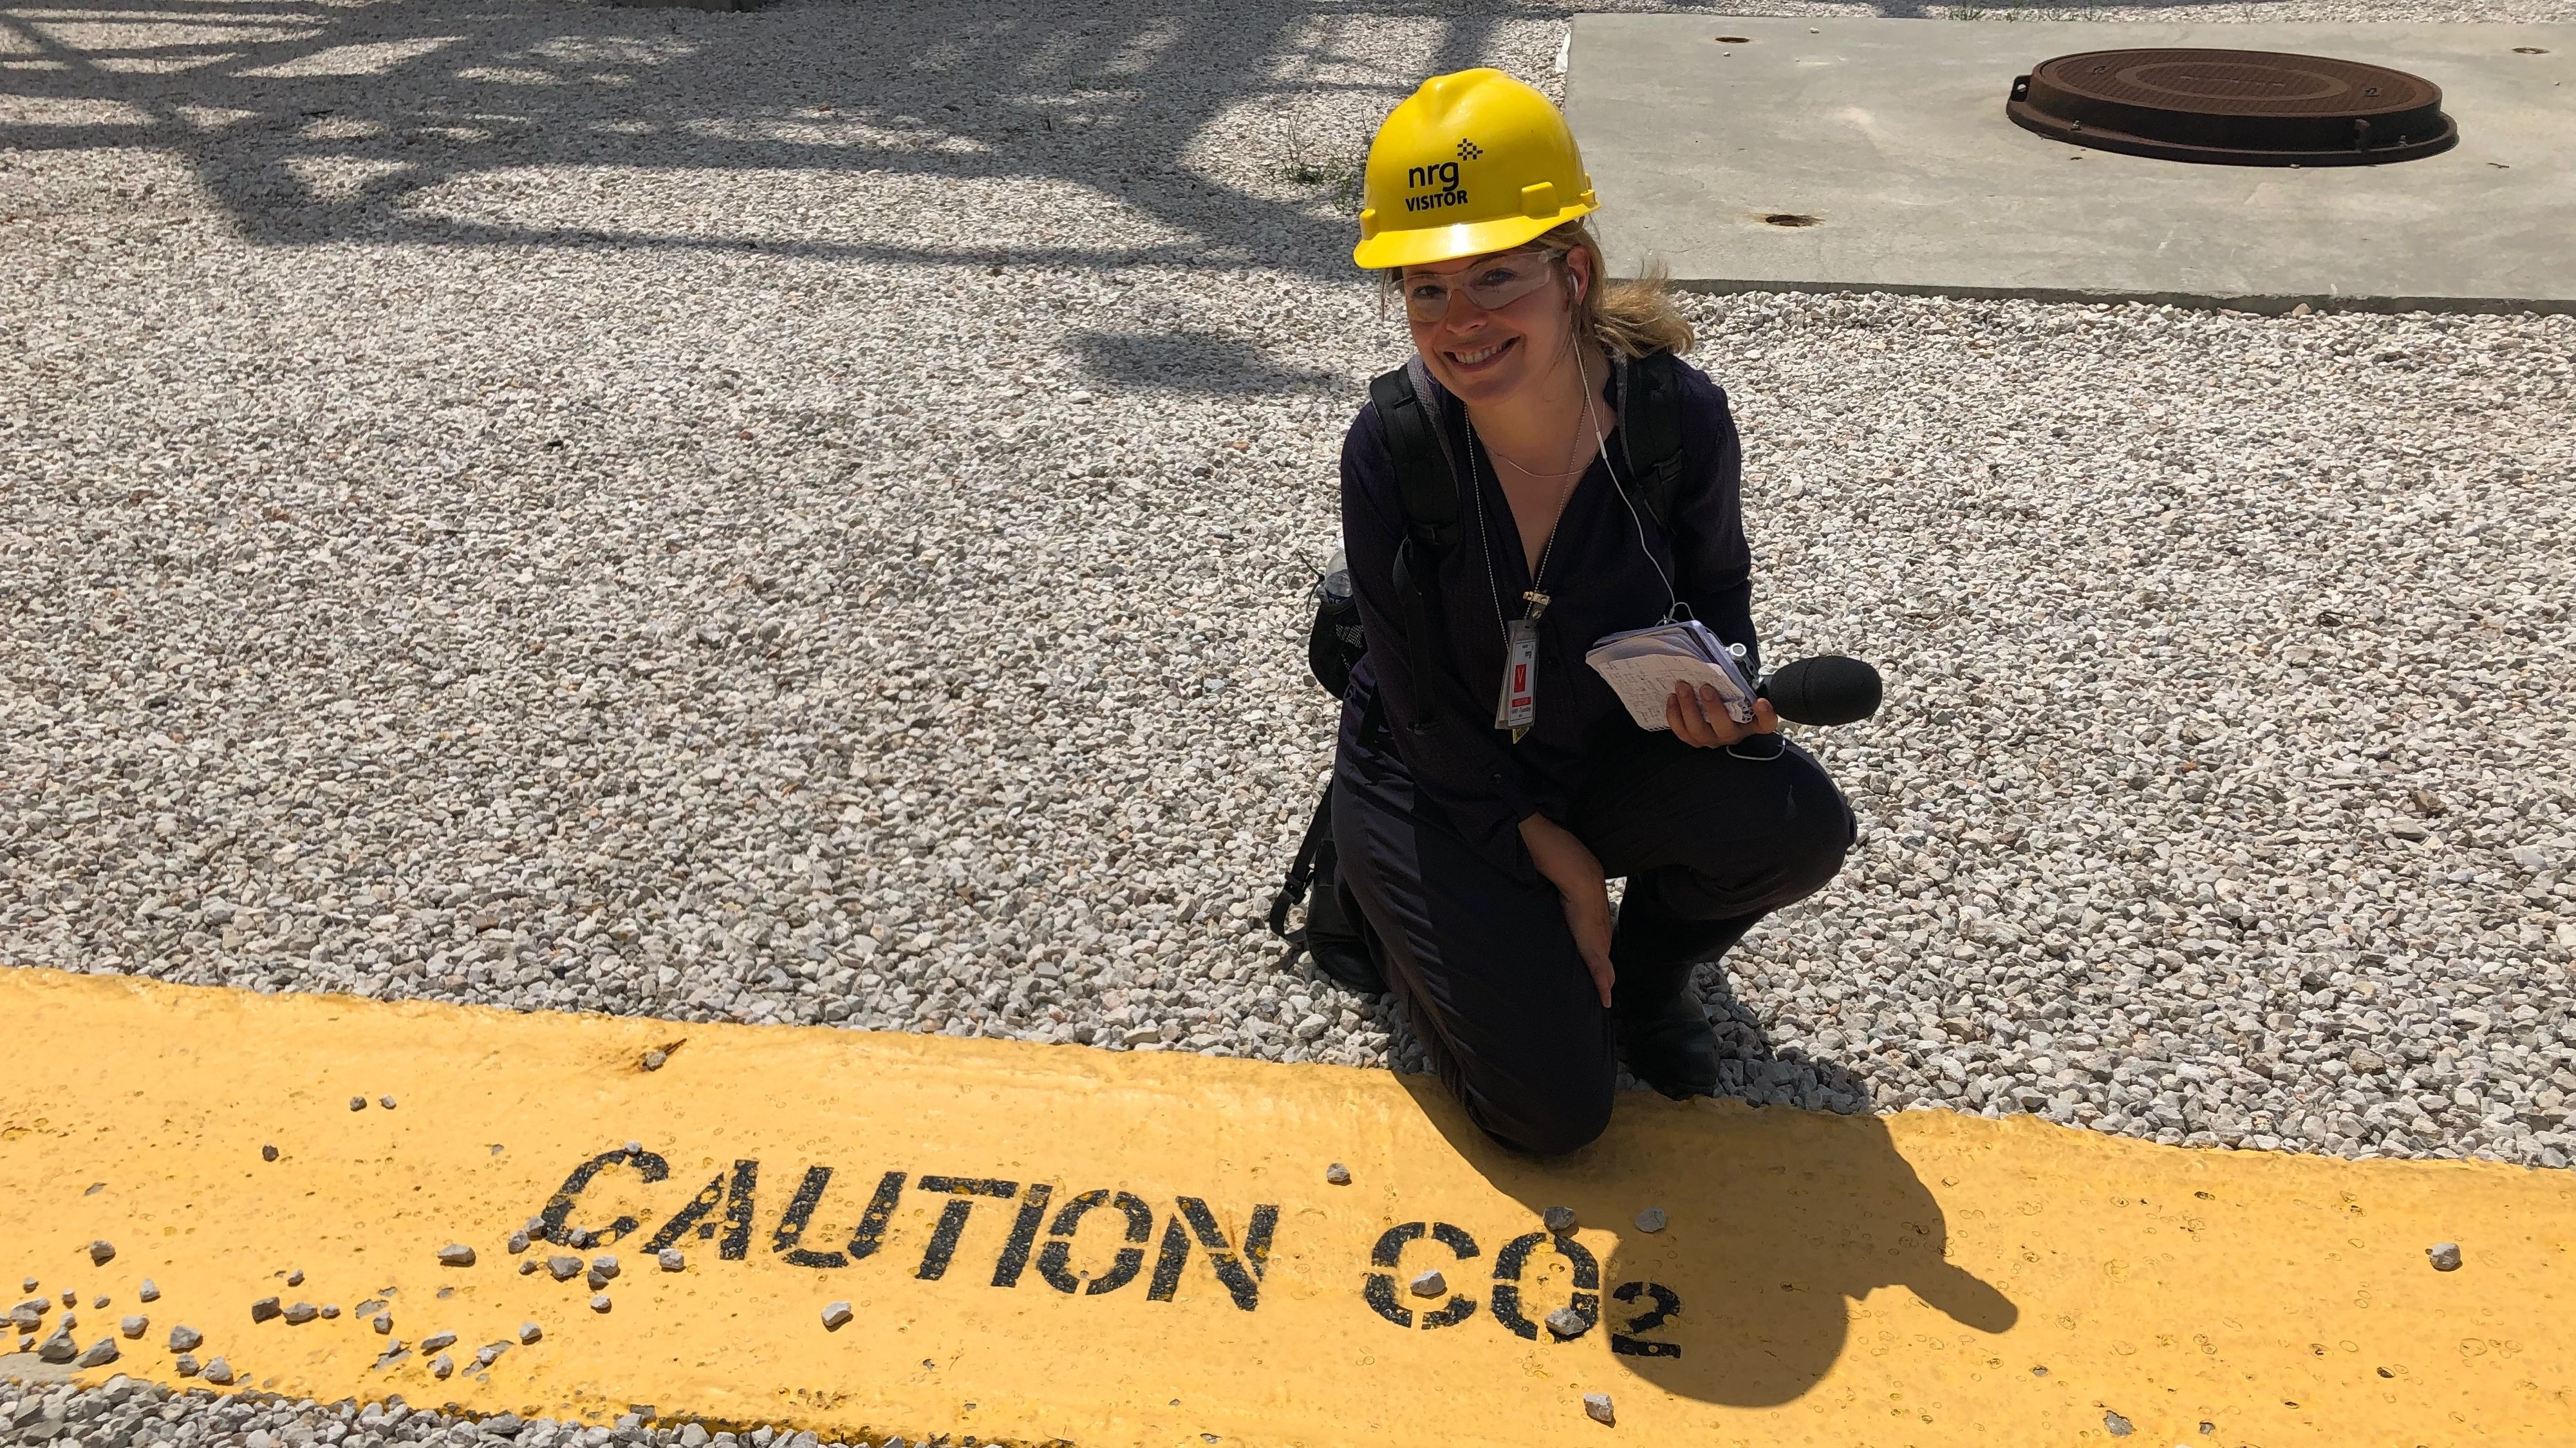 Reporterin Bettina Meier auf dem Gelände des Freeport LNG Terminals in Freeport, Texas.